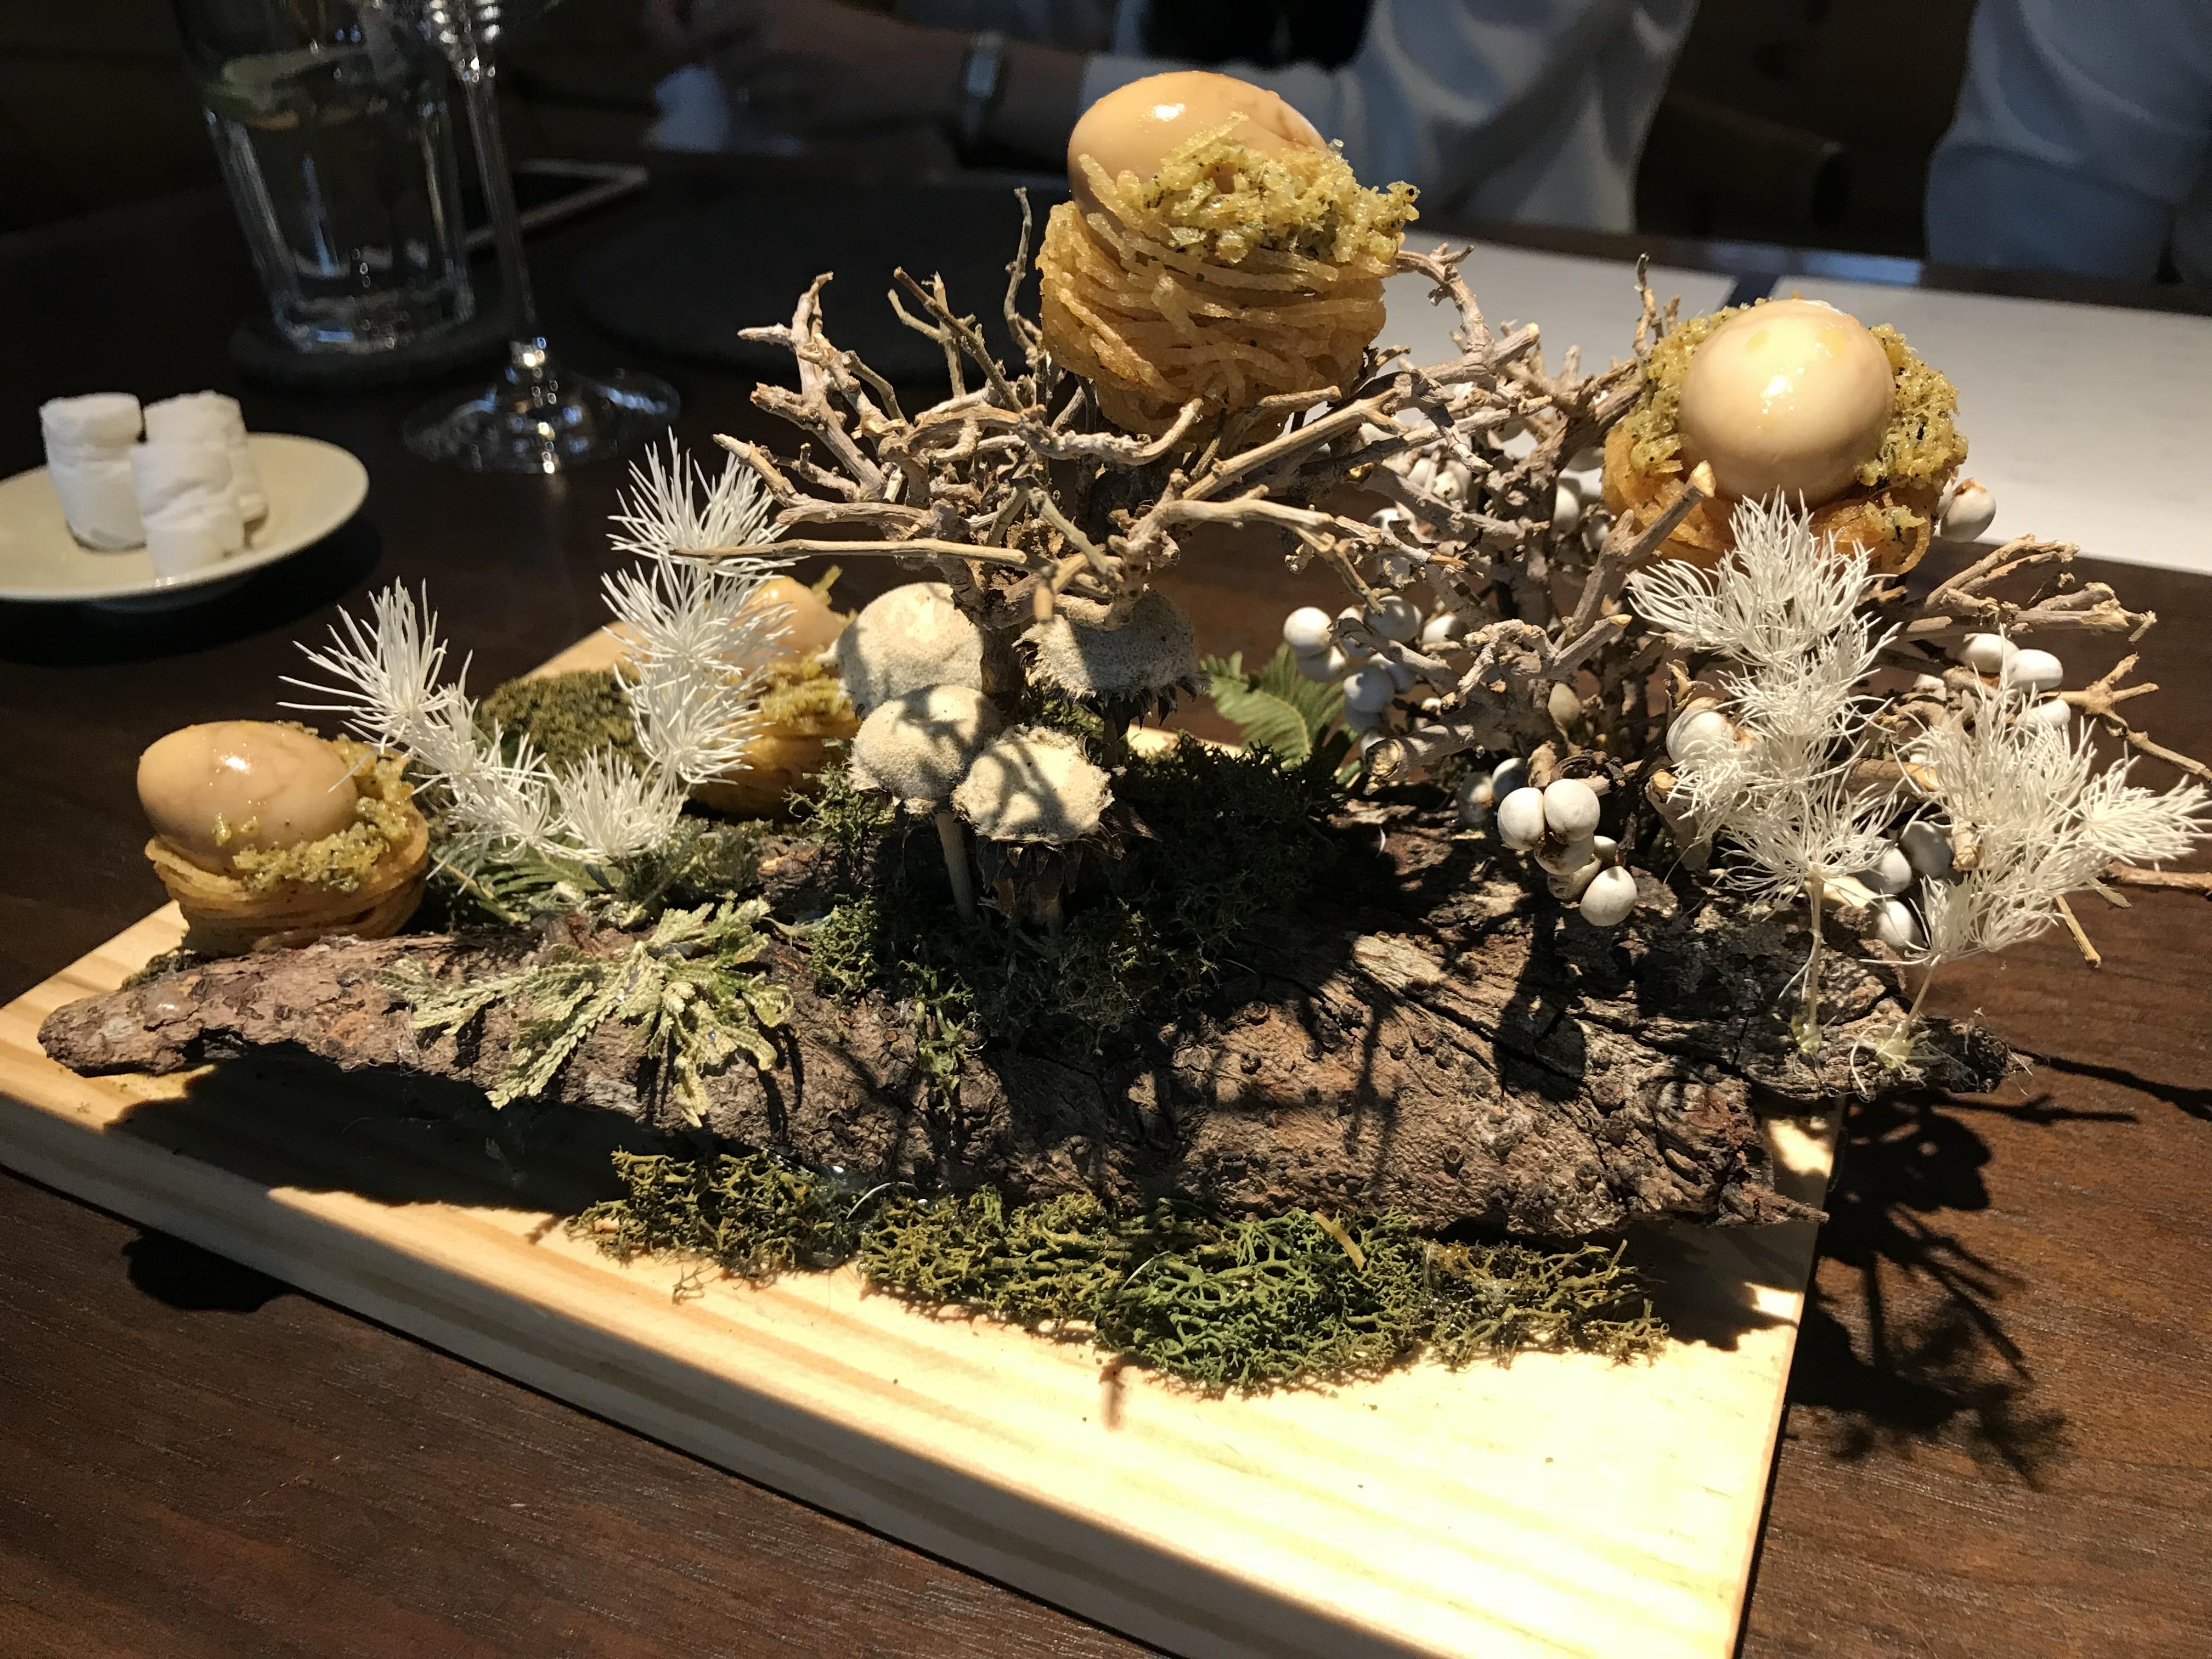 伯爵茶、月桂葉、鵪鶉鳥蛋